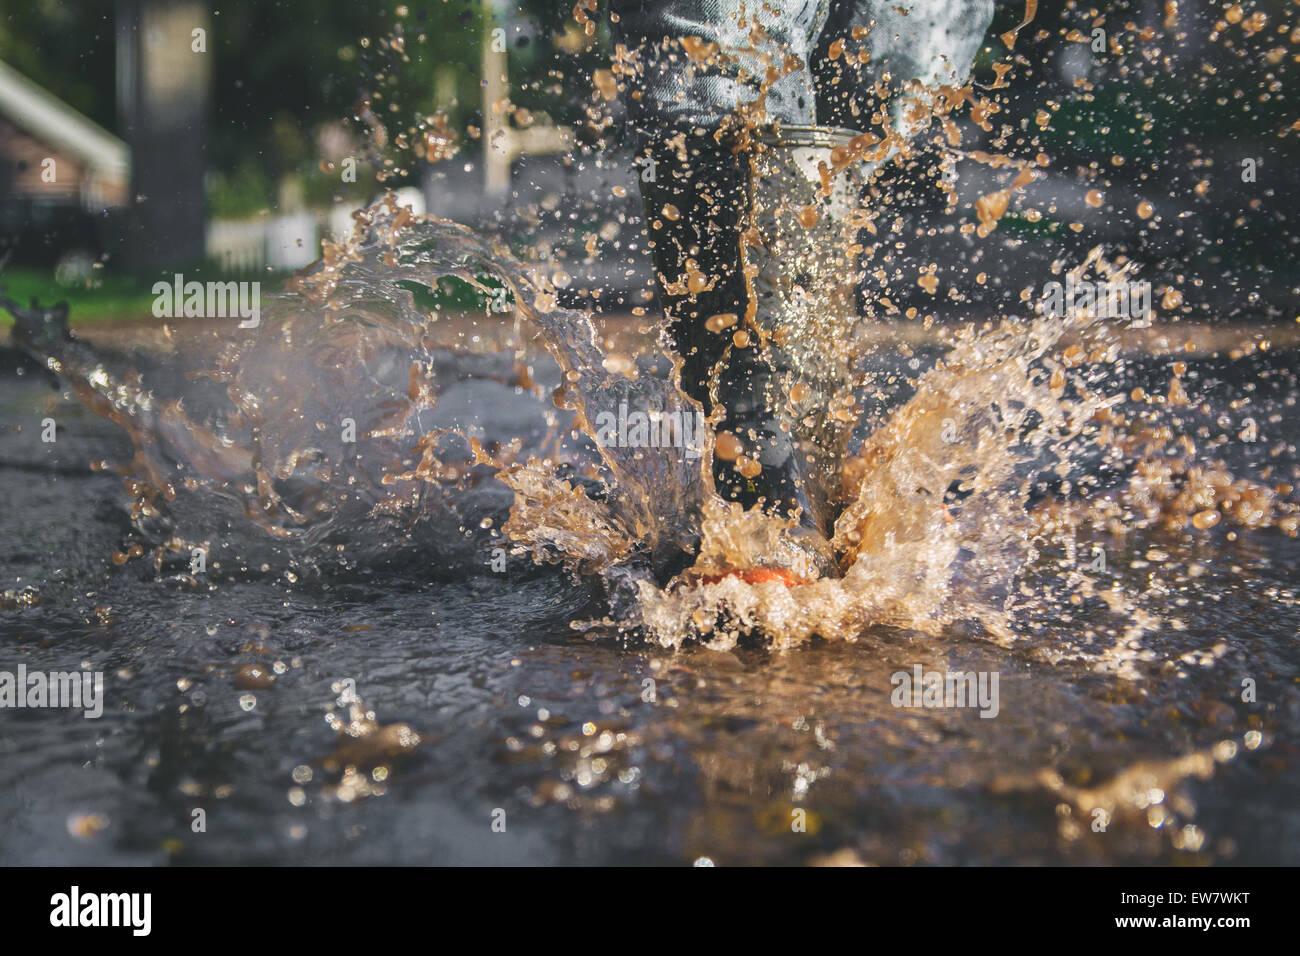 Die Beine des Kindes in einer Pfütze Wasser spritzt in Nahaufnahme Stockbild